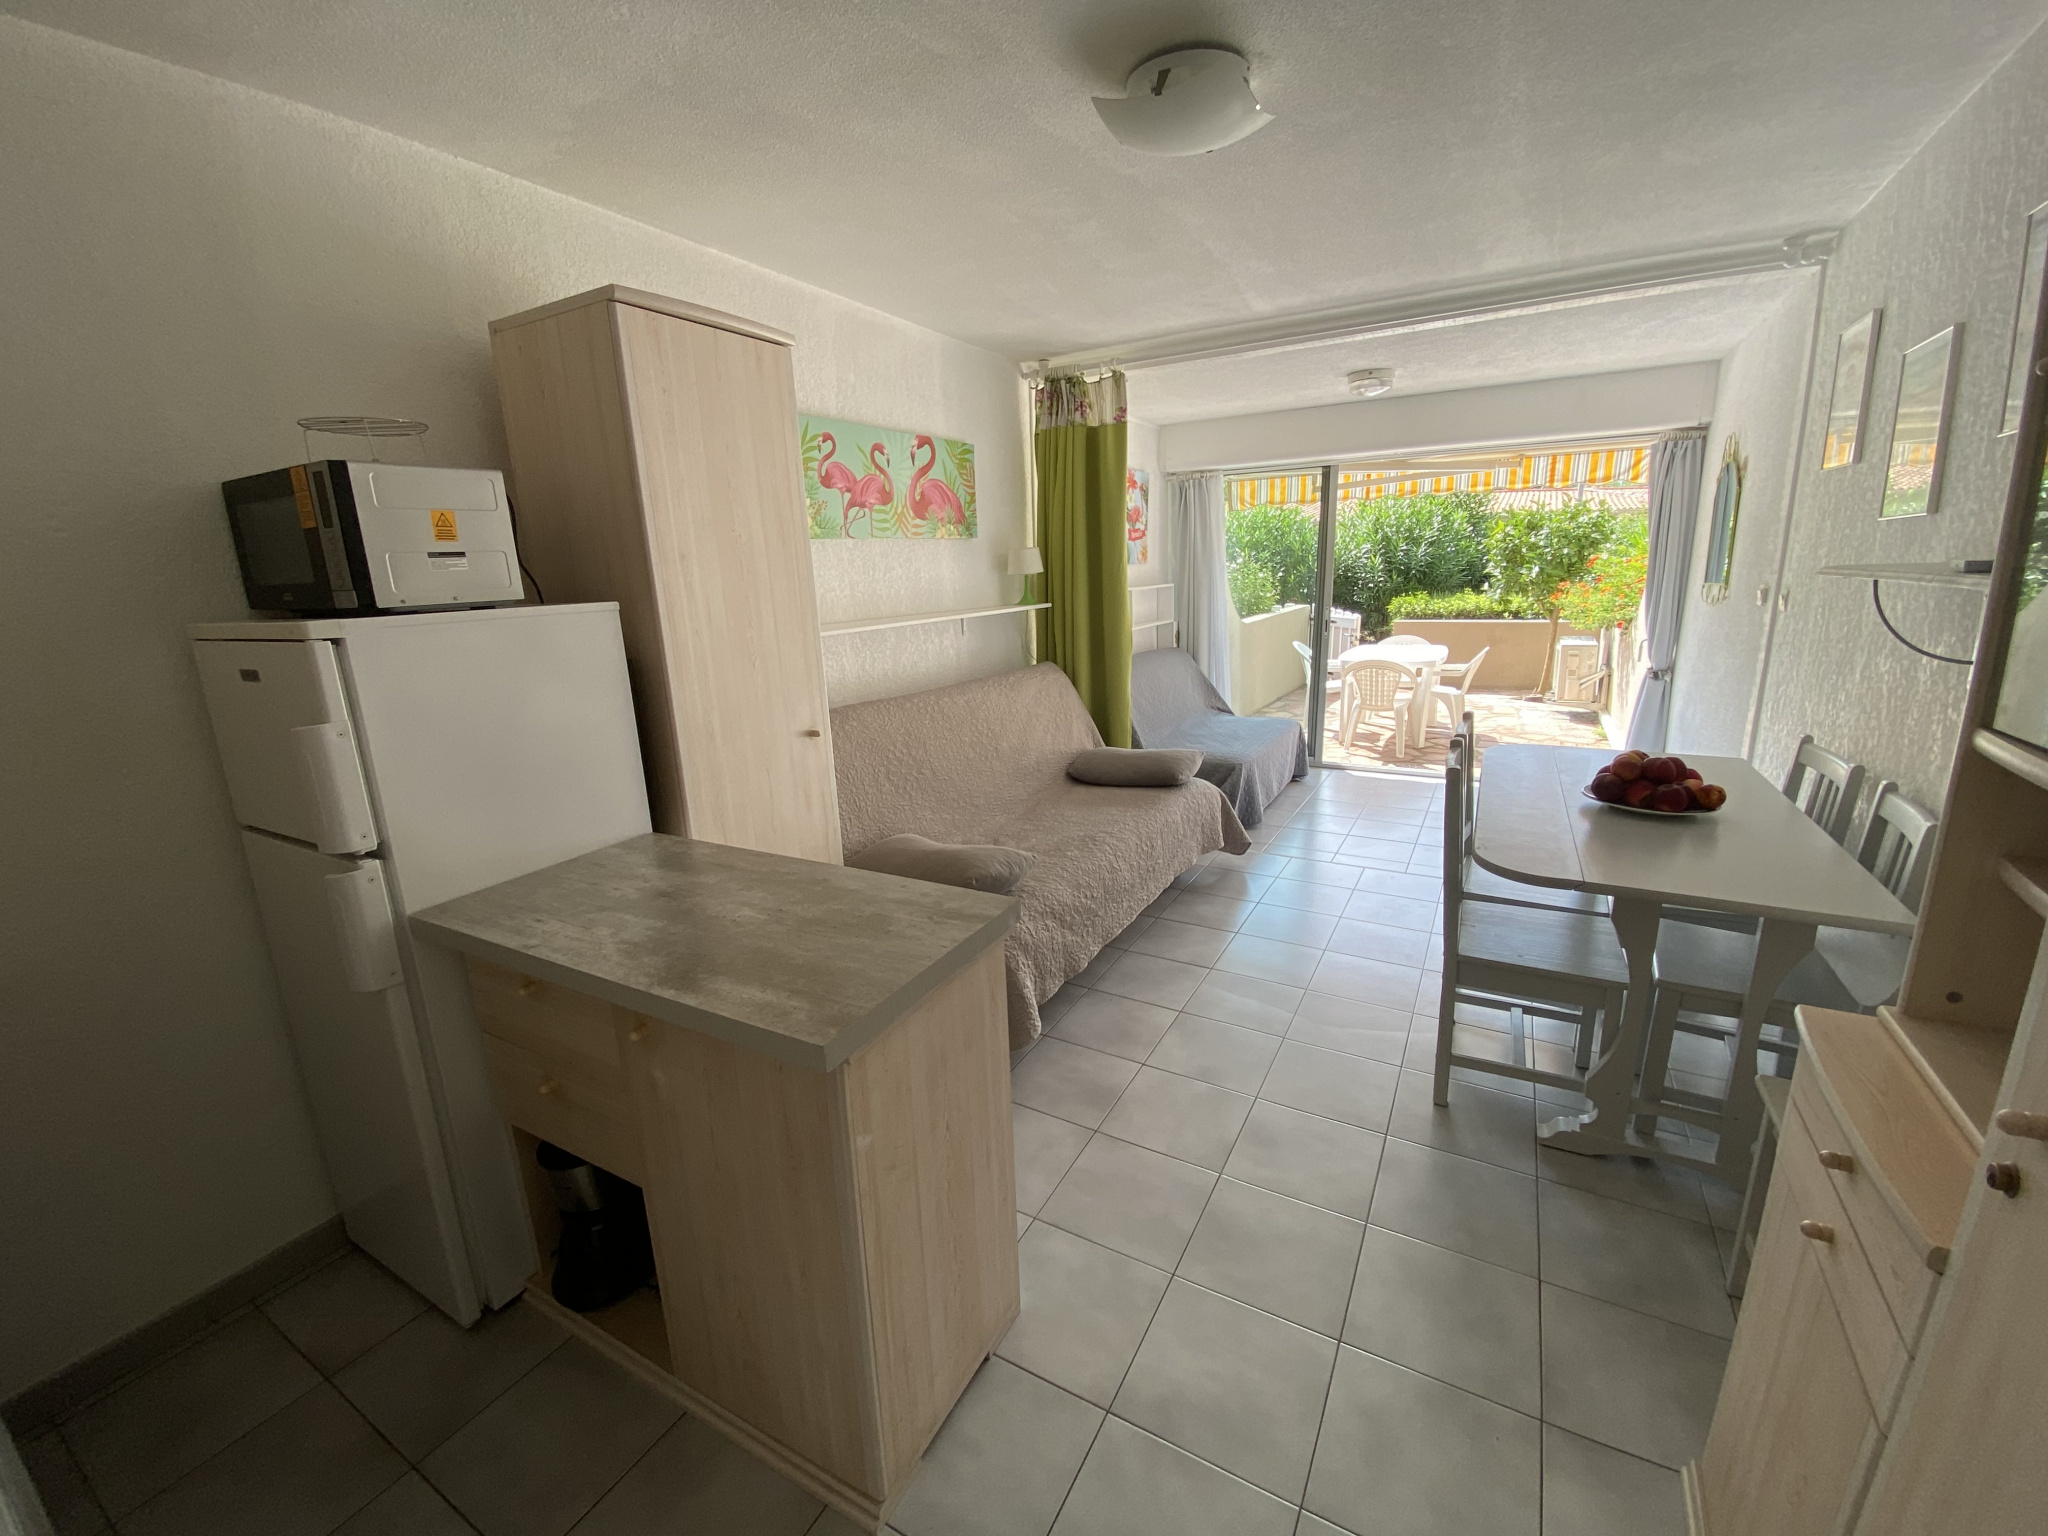 À vendre appartement de 25m2 à argeles sur mer (66700) - Photo 6'